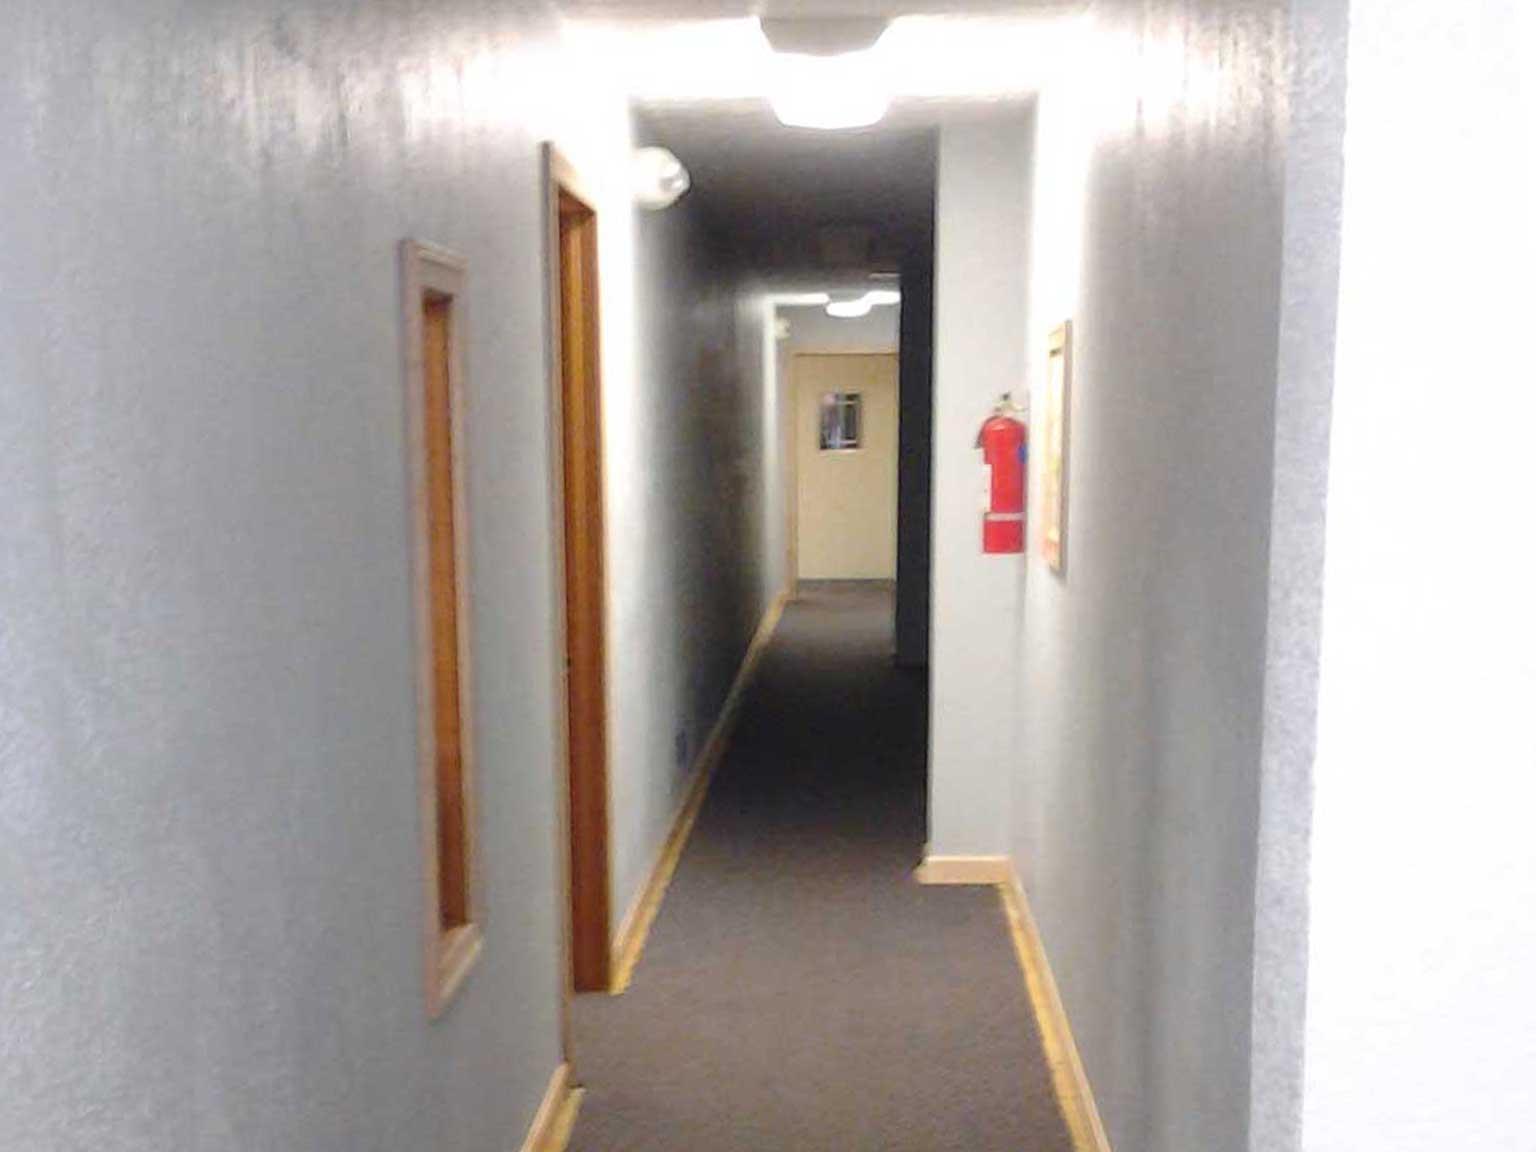 rec-center-wallpaper-wall-after